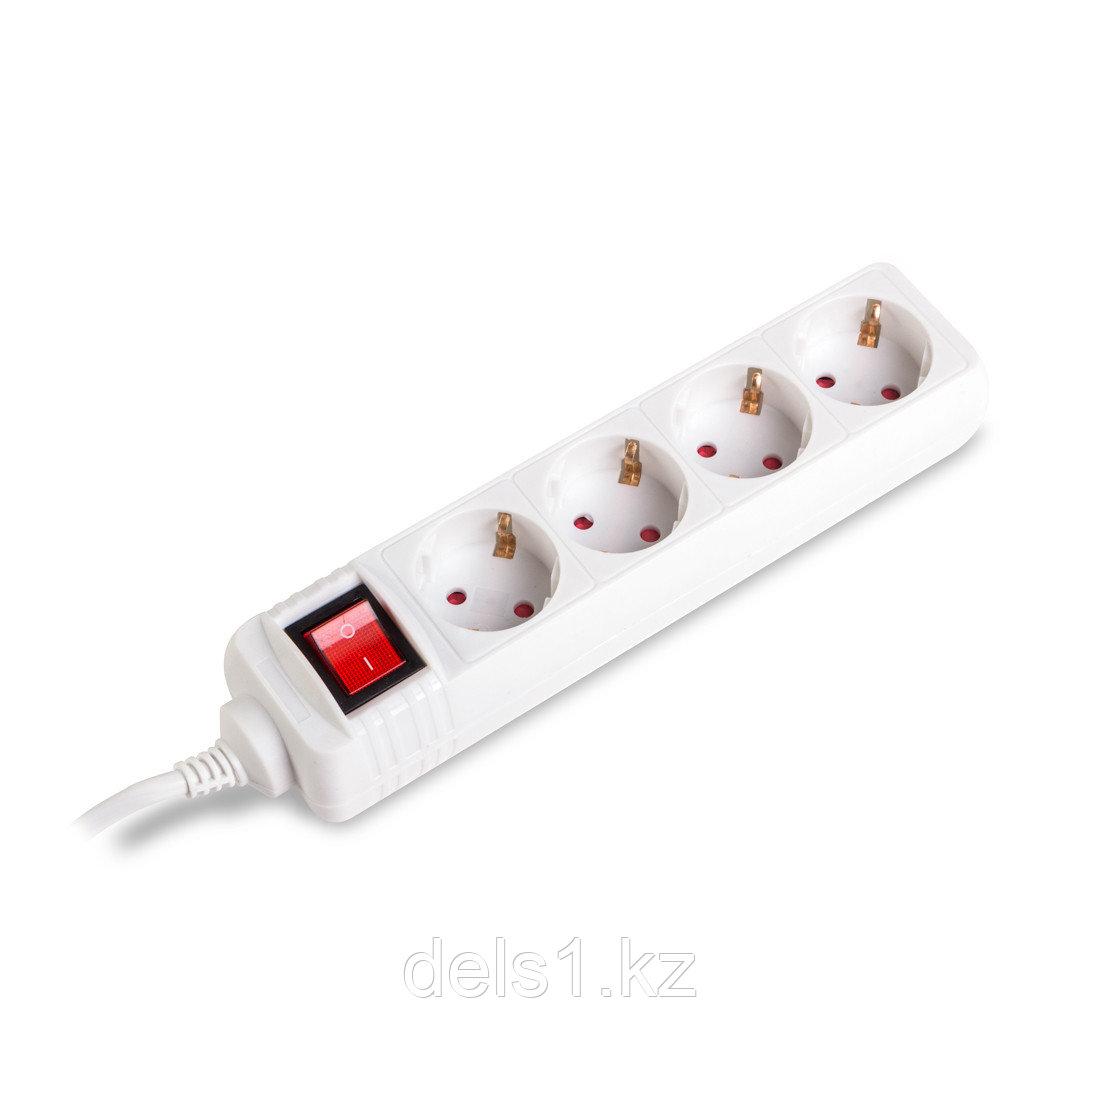 Сетевой фильтр iPower L4S10m 10 м. 220 в